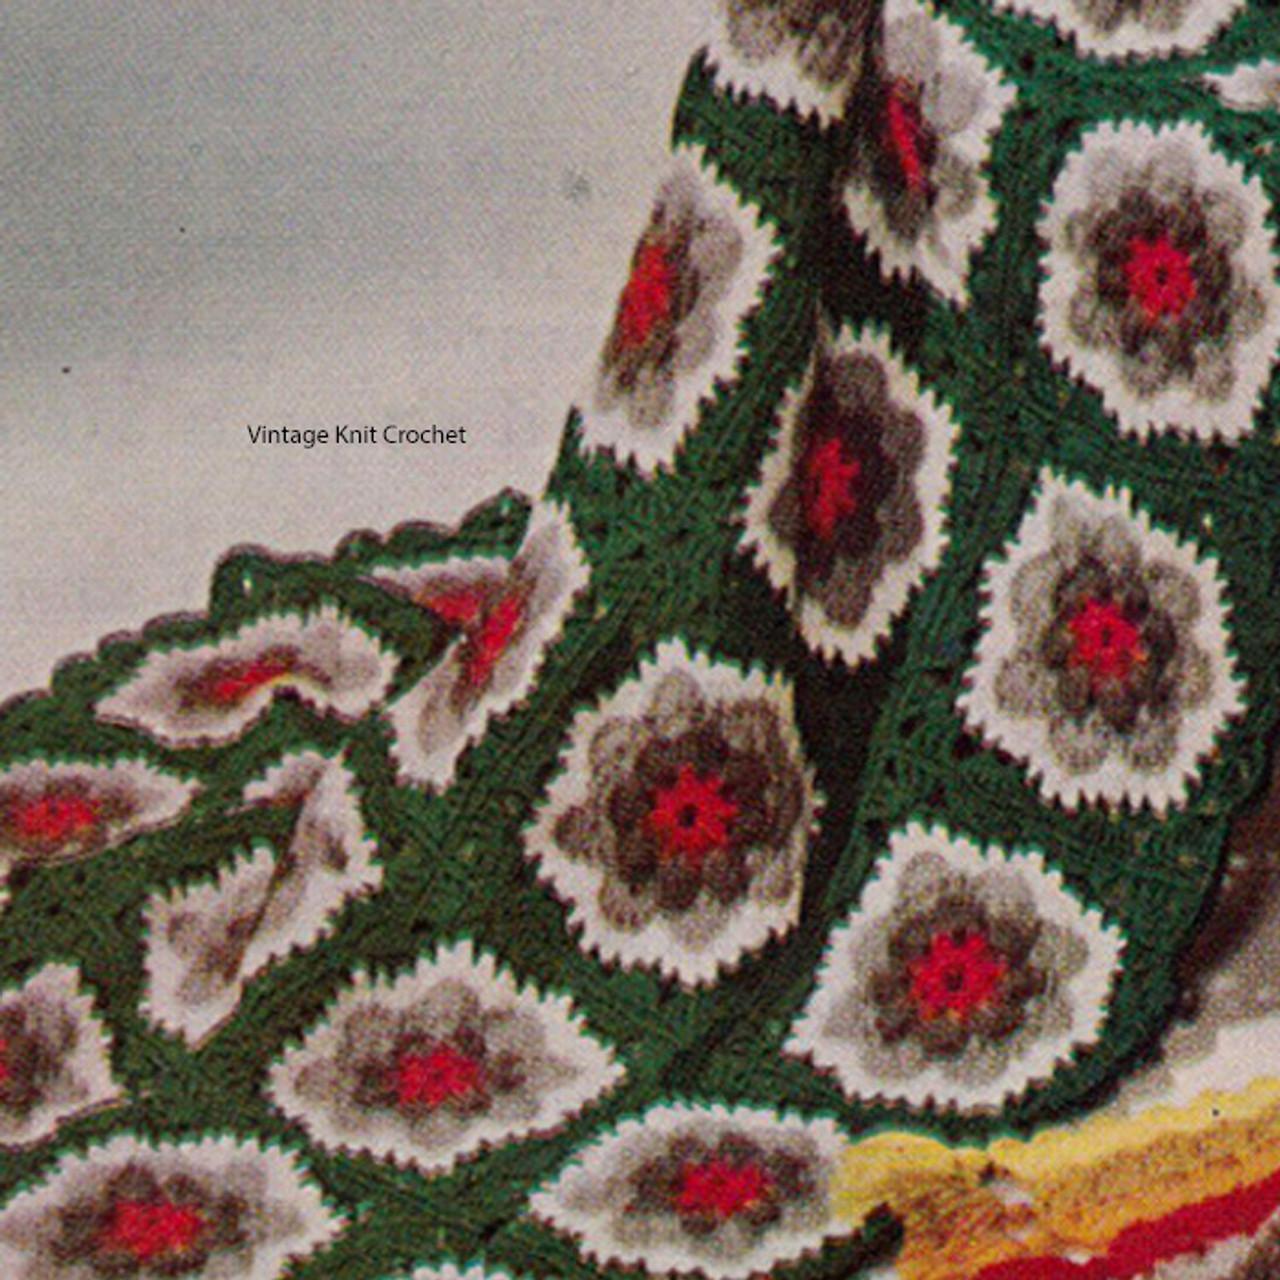 Vintage Crocheted Flower Block Afghan, Nasturtium